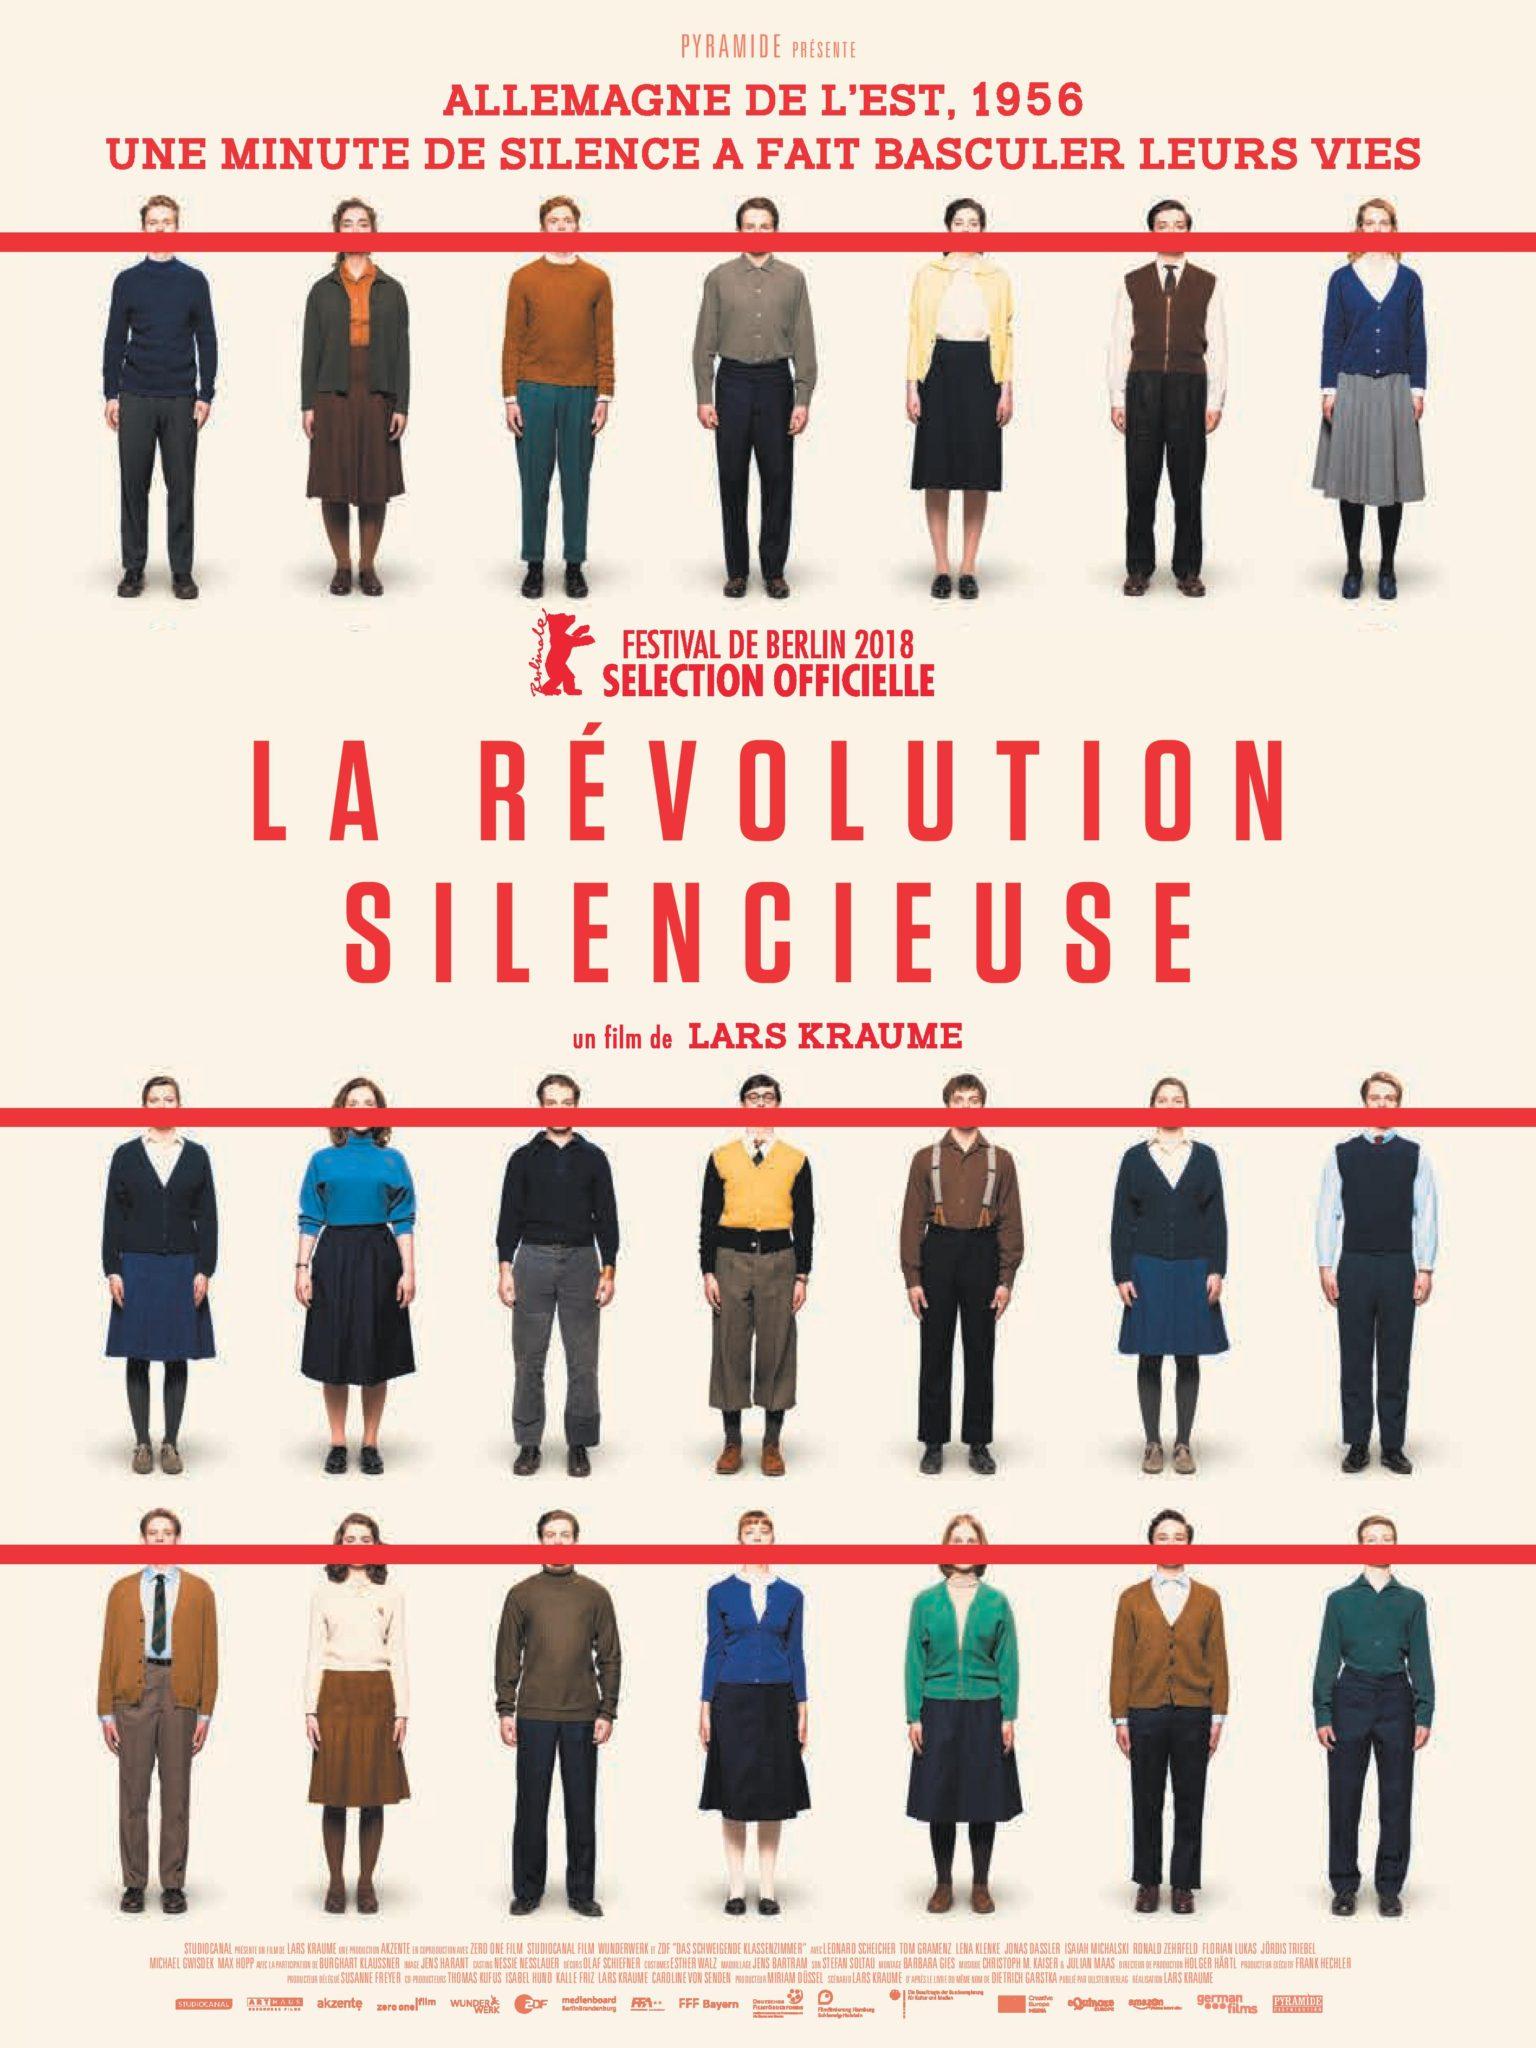 La Révolution silencieuse de Lars Kraume affiche